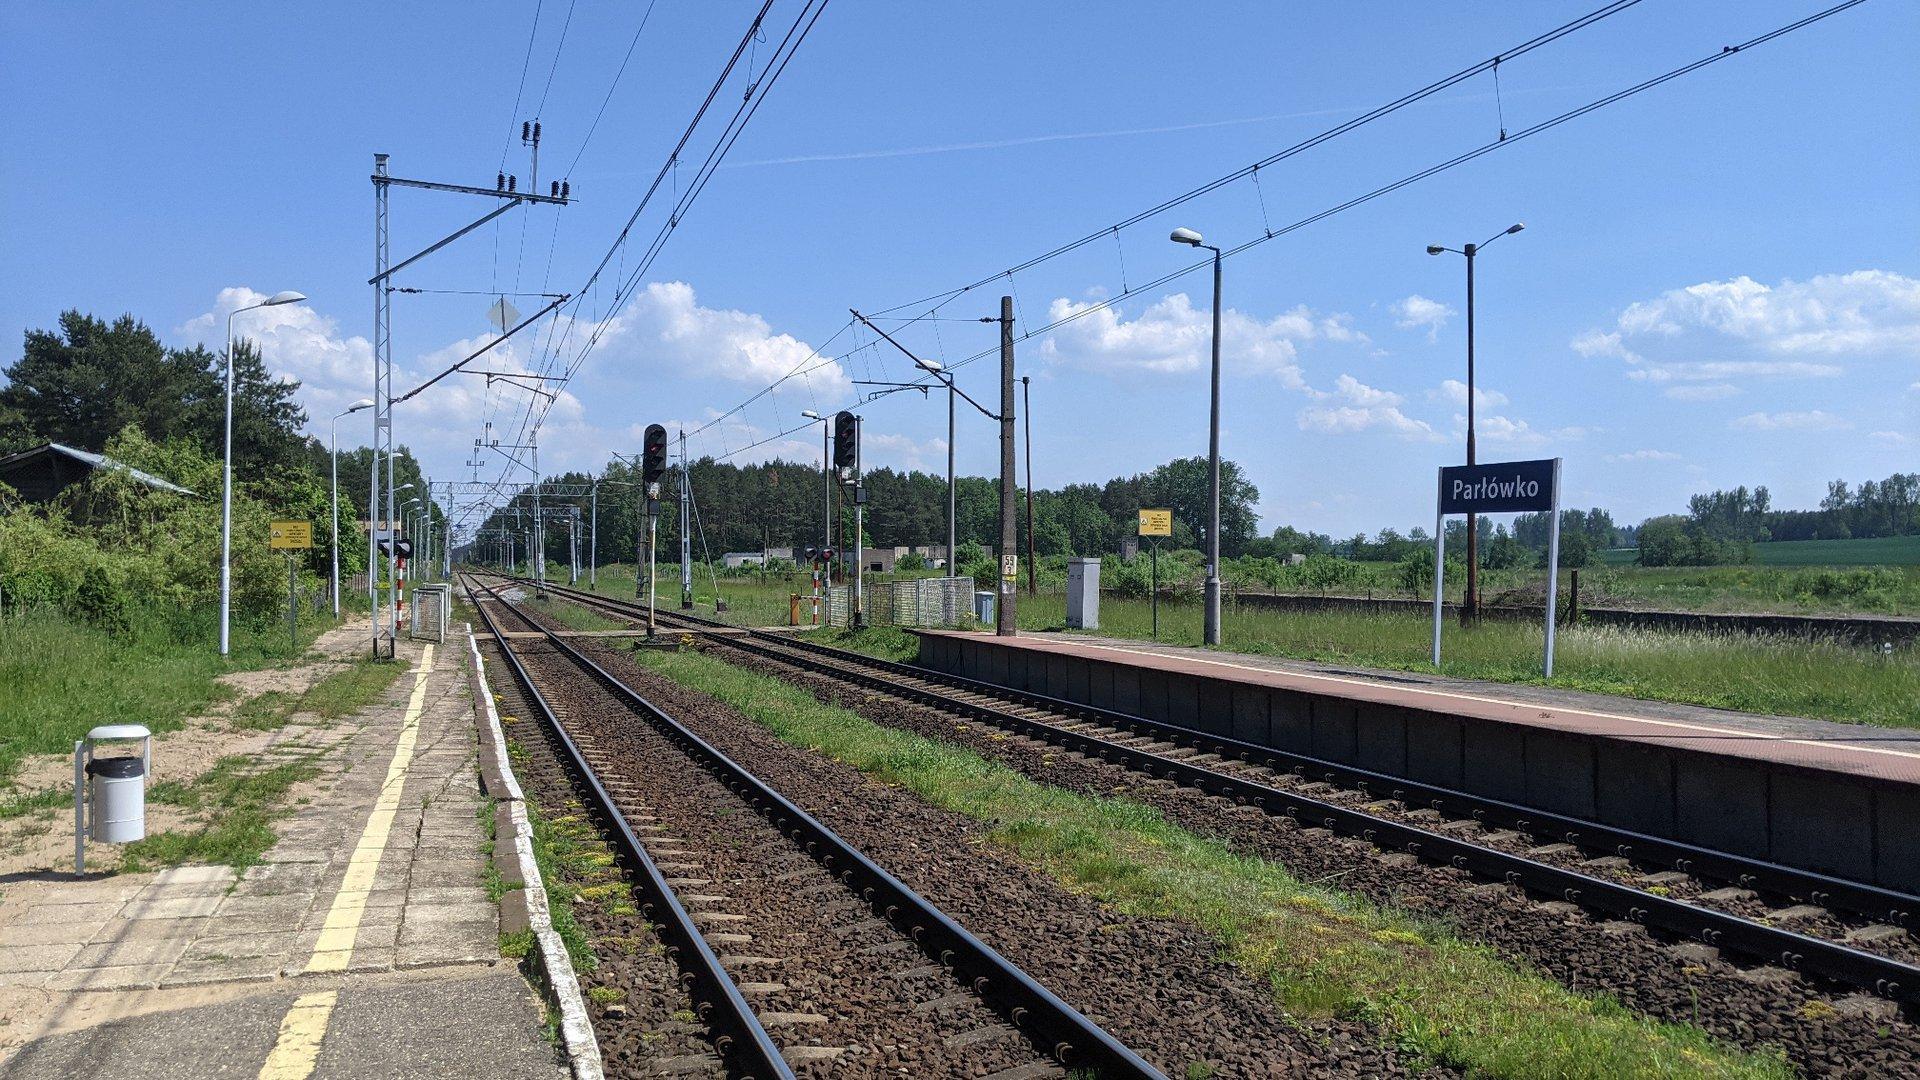 Parlowko (Parłówko)